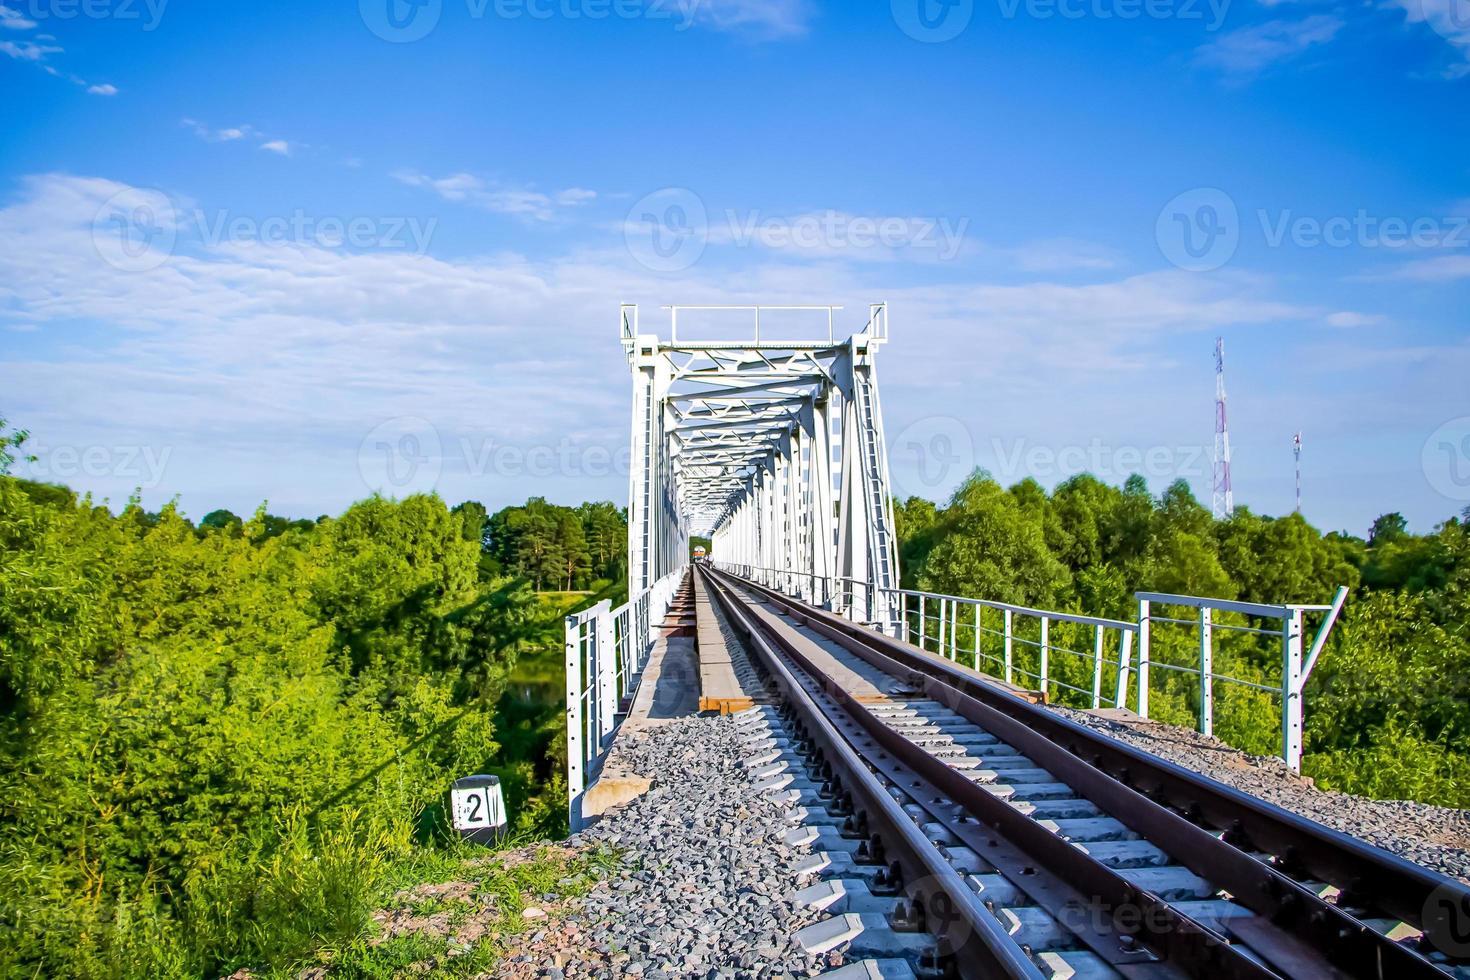 bellissimo ponte ferroviario su uno sfondo di verde e cielo blu, prospettiva foto